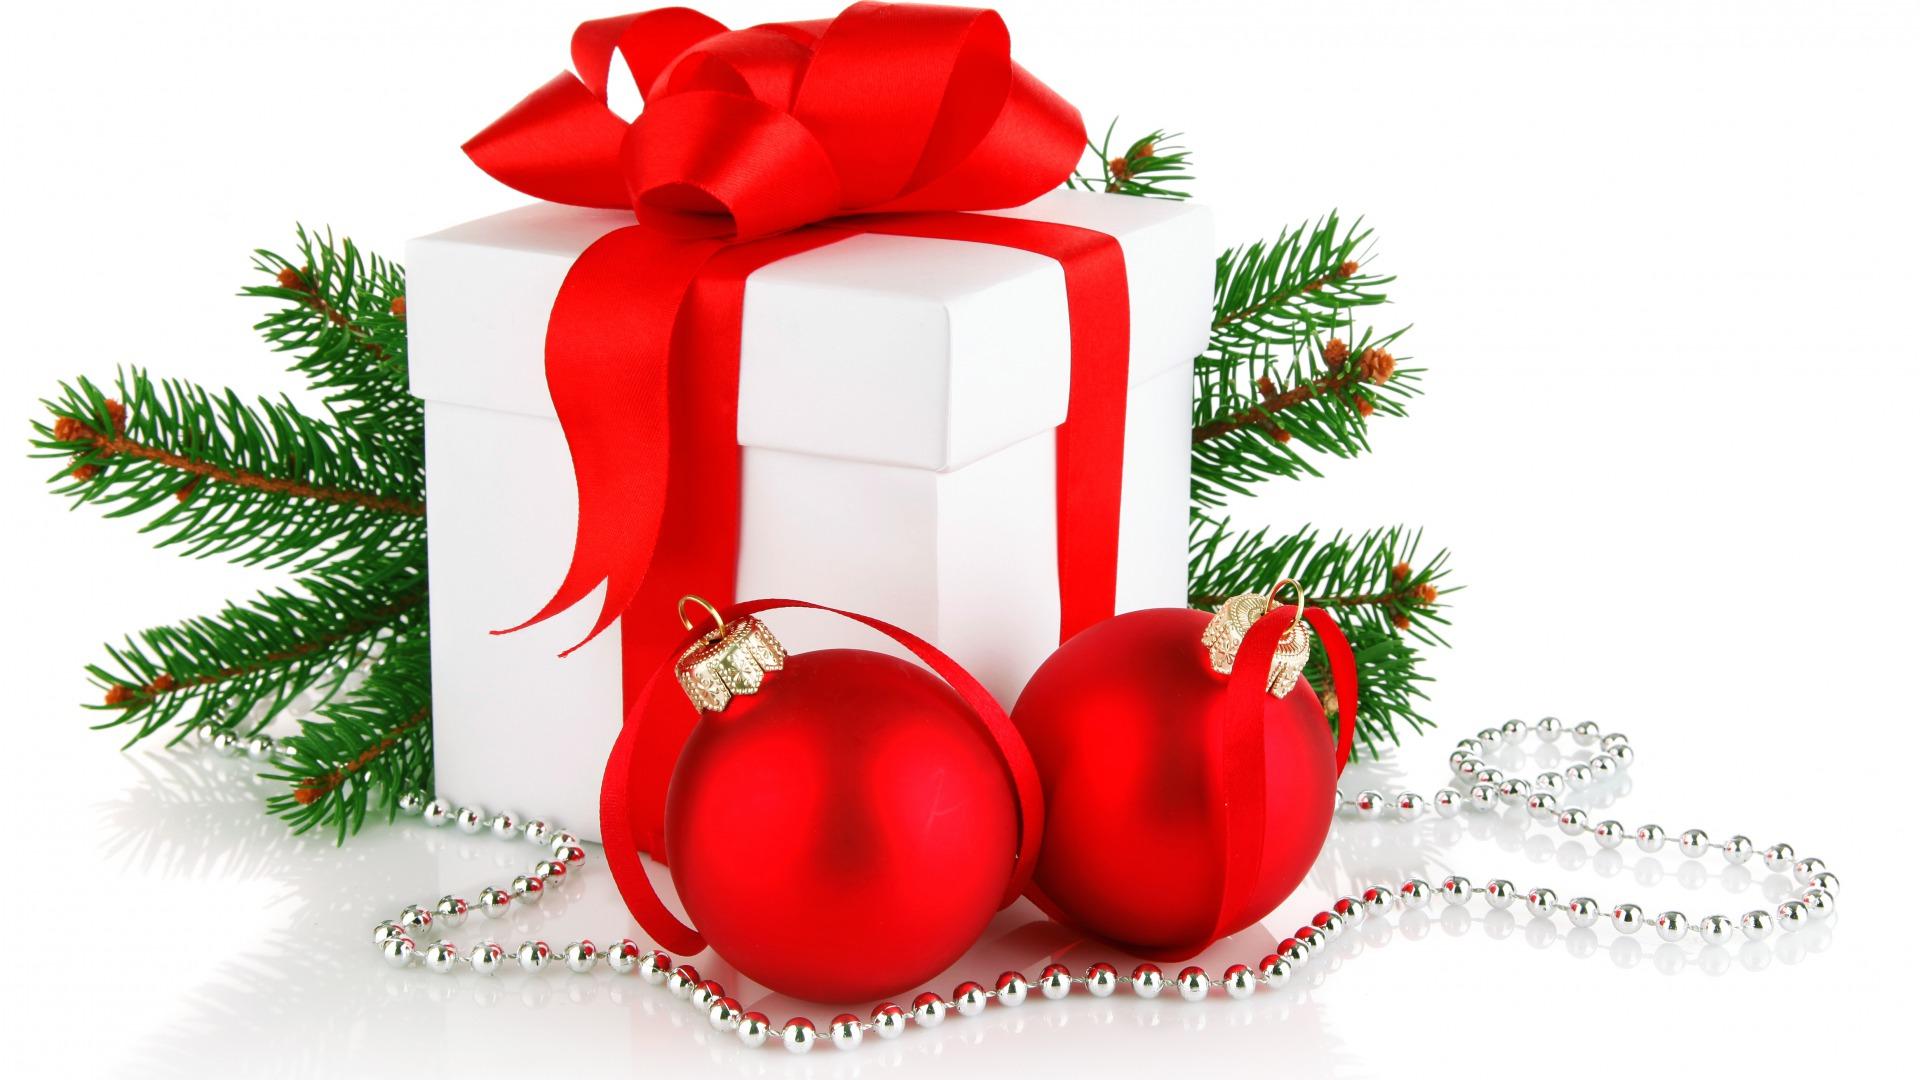 Bộ Sưu Tập Ảnh Giáng Sinh - Page 4 Christmasgift34